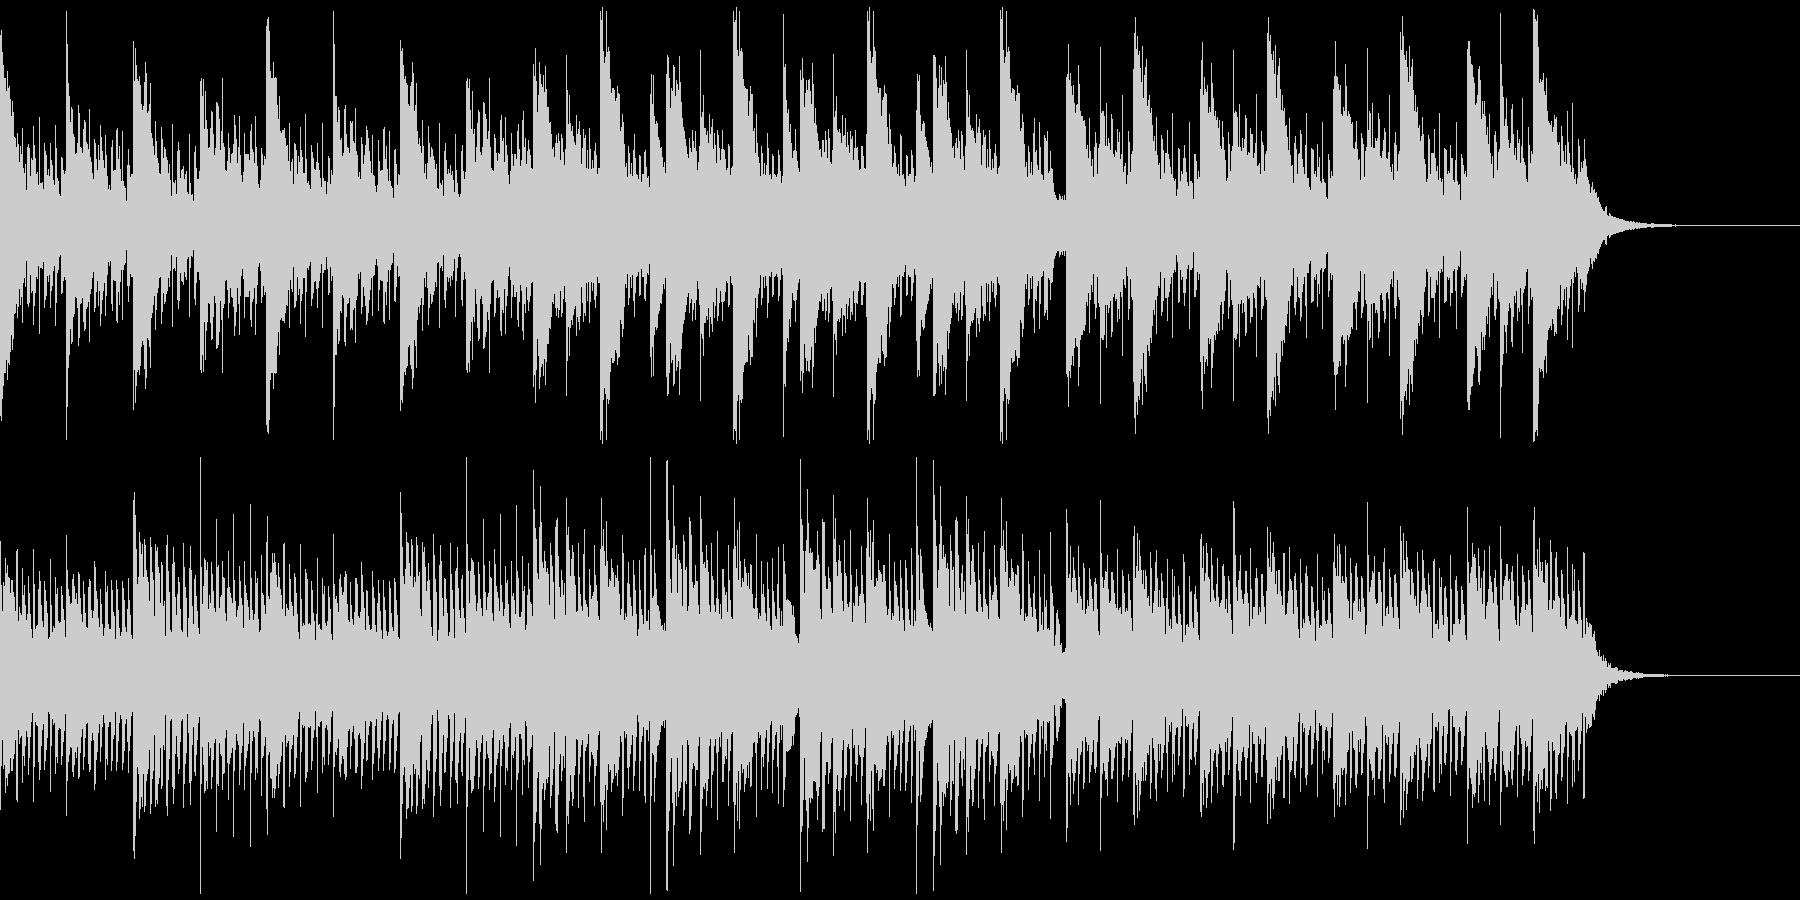 アコースティックセンチメンタル#01−1の未再生の波形